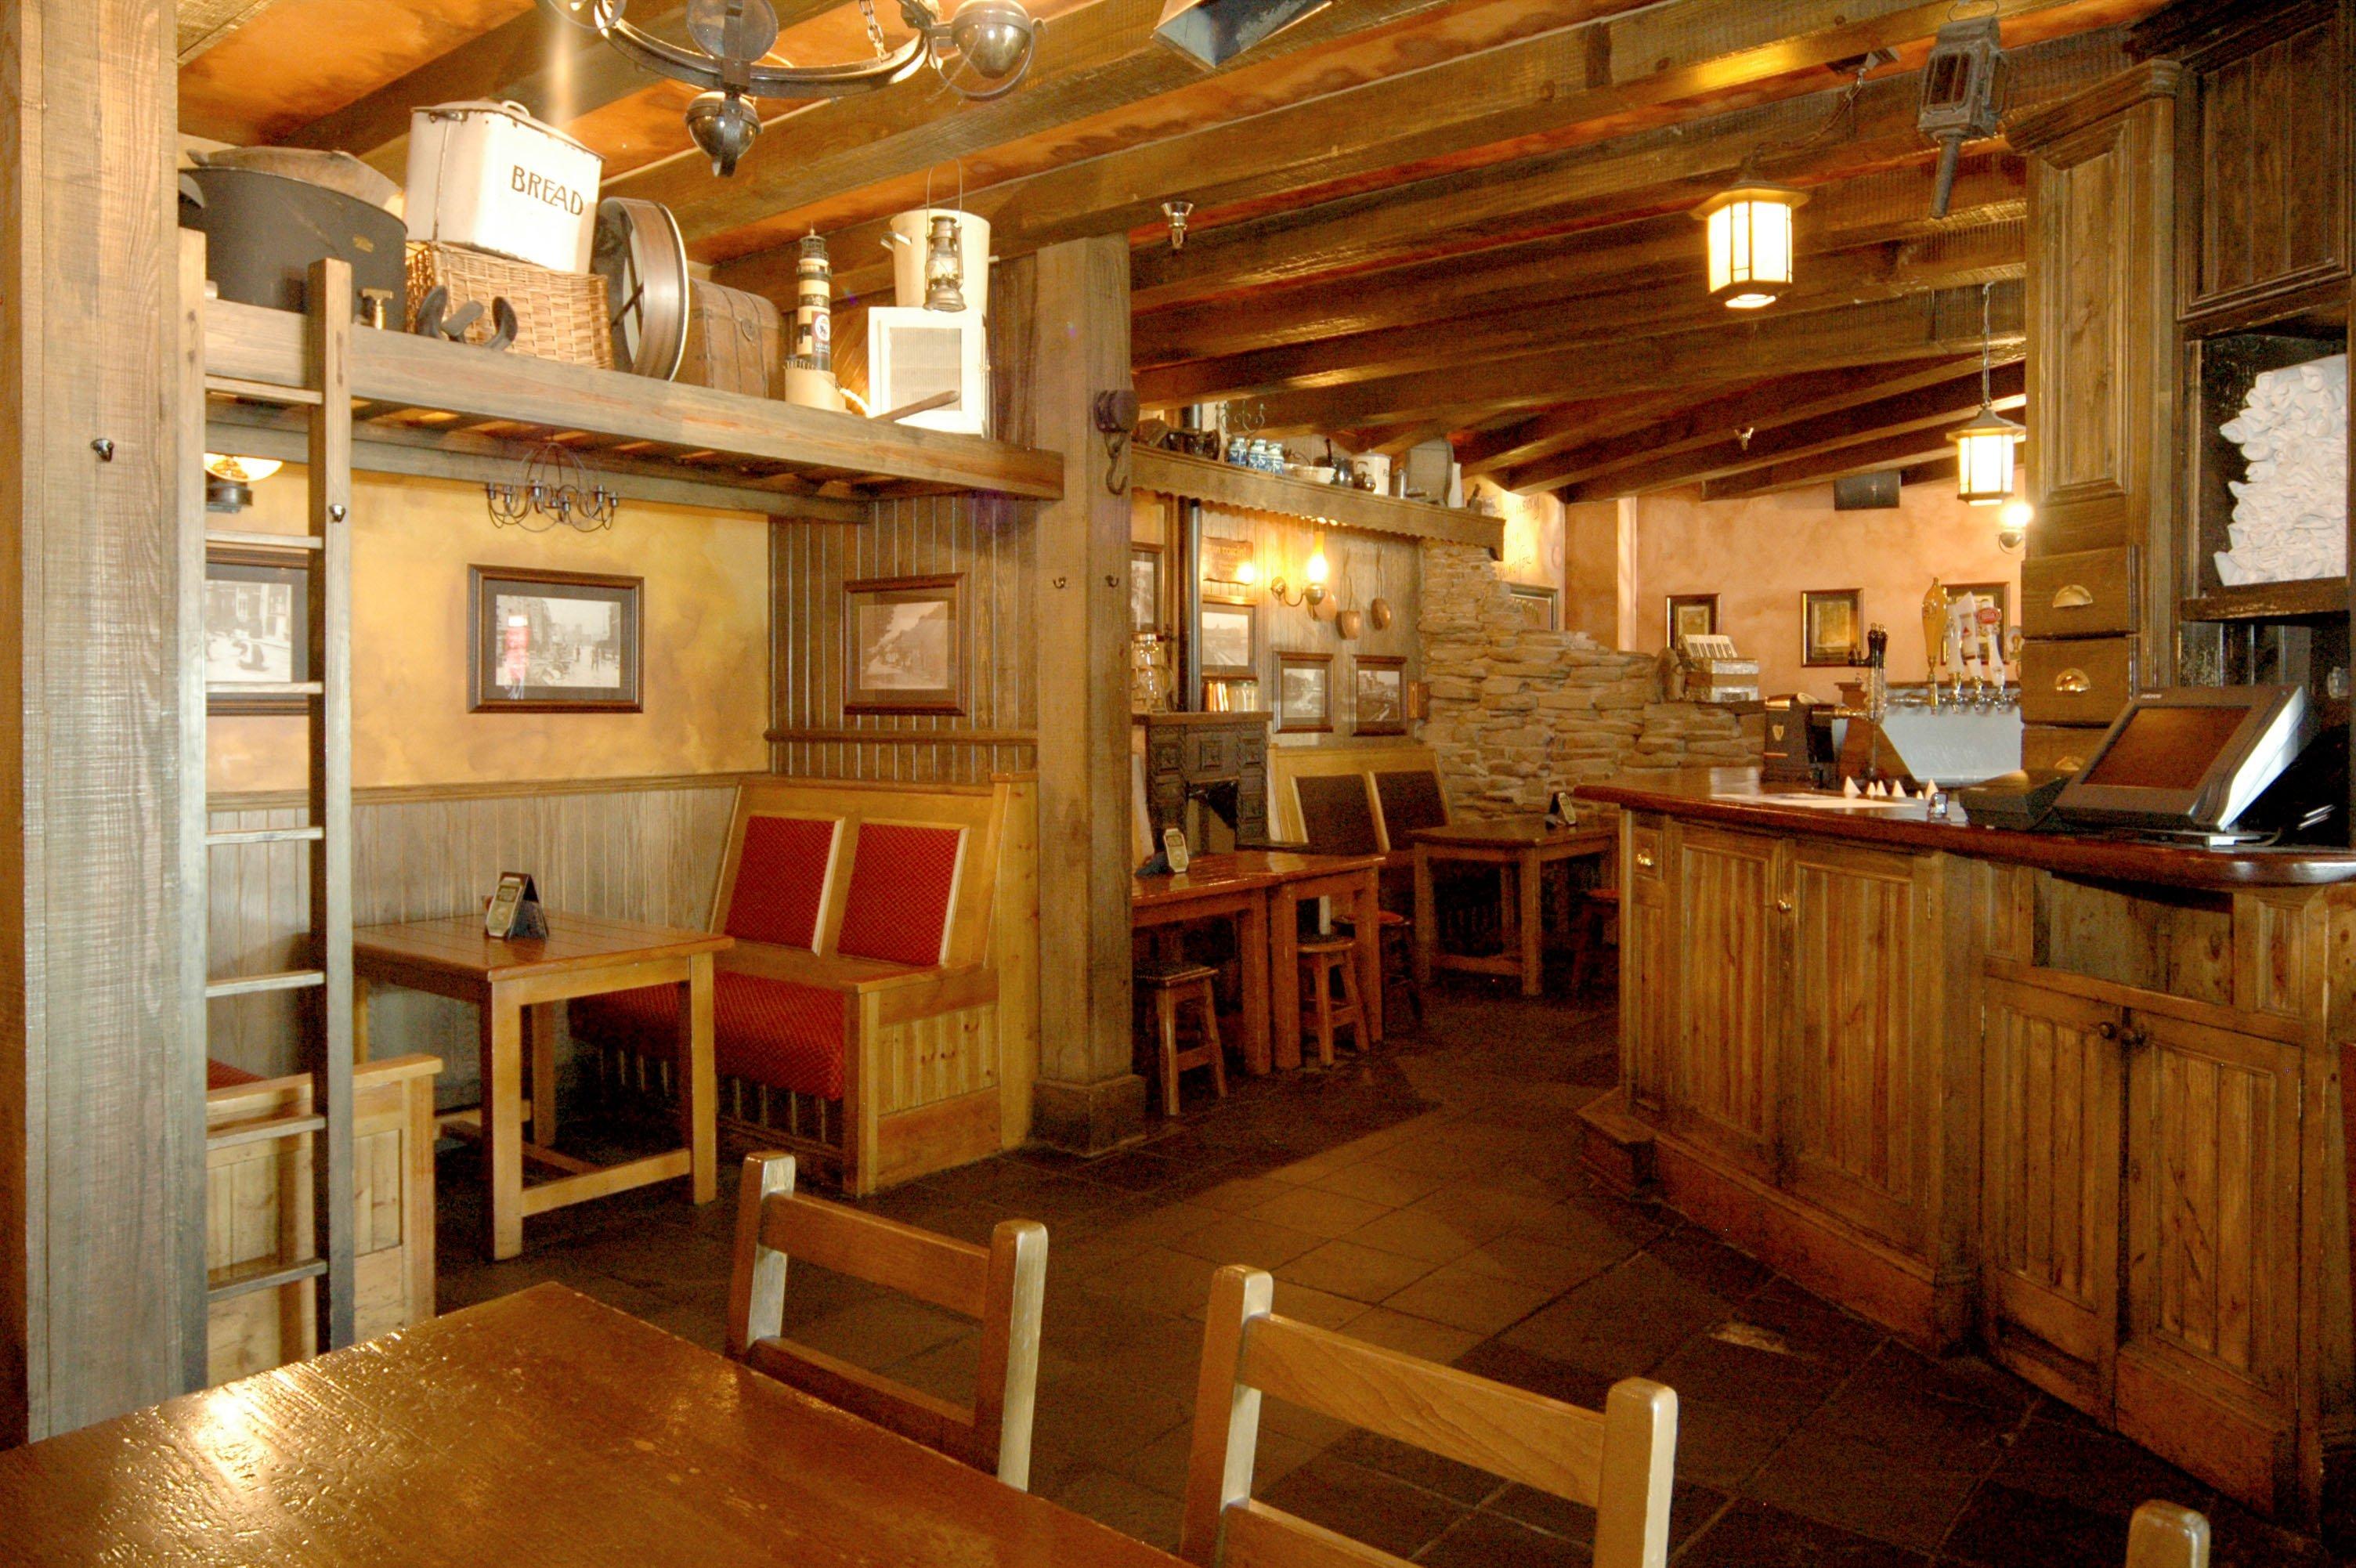 Fad Irish Pub In Denver Announces News About Denvers